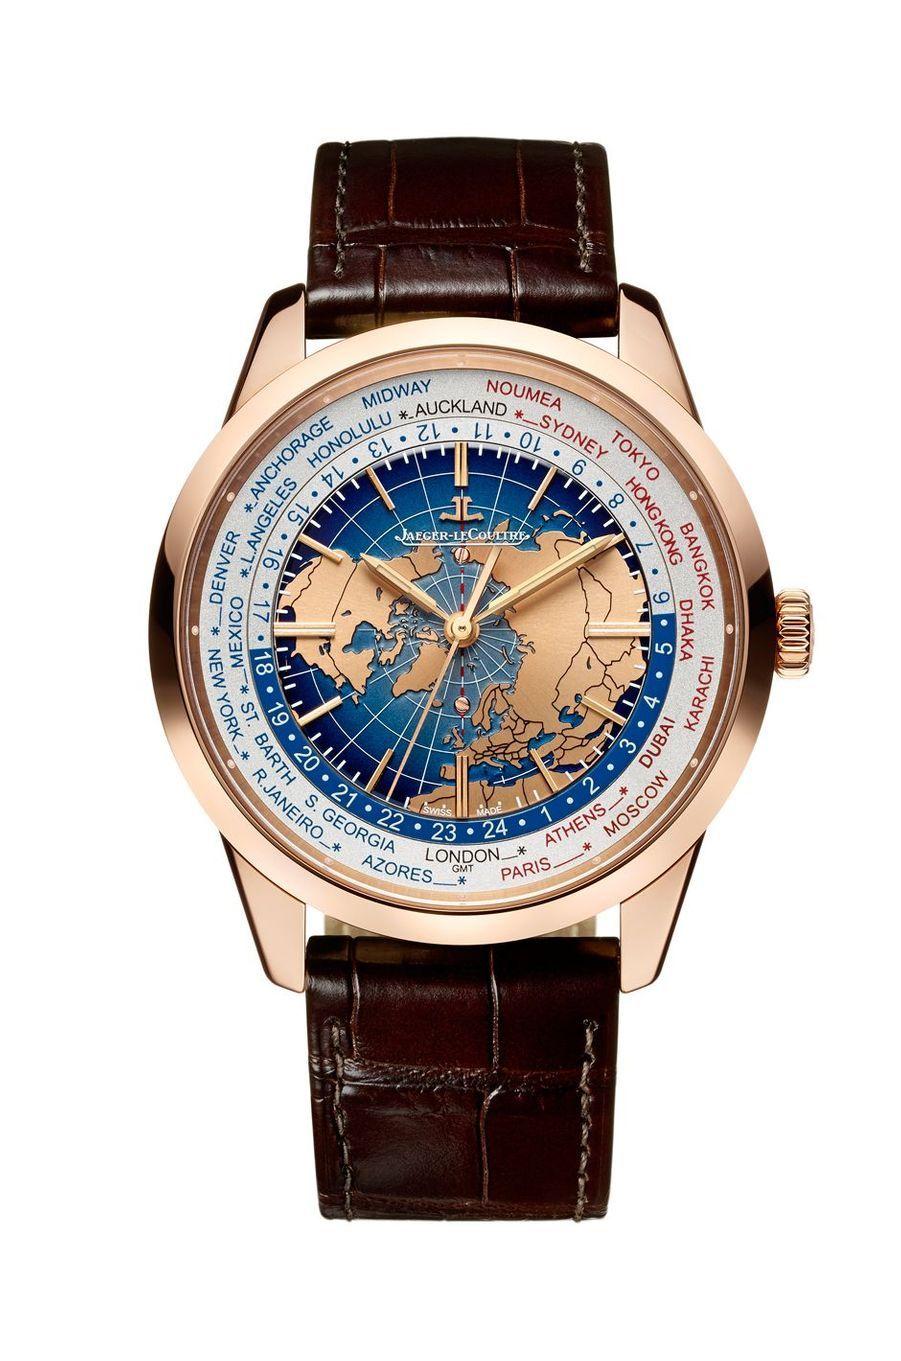 Geophysic Universal Time en or rose, mouvement automatique, bracelet en alligator, 24 600 €. Jaeger-LeCoultre.